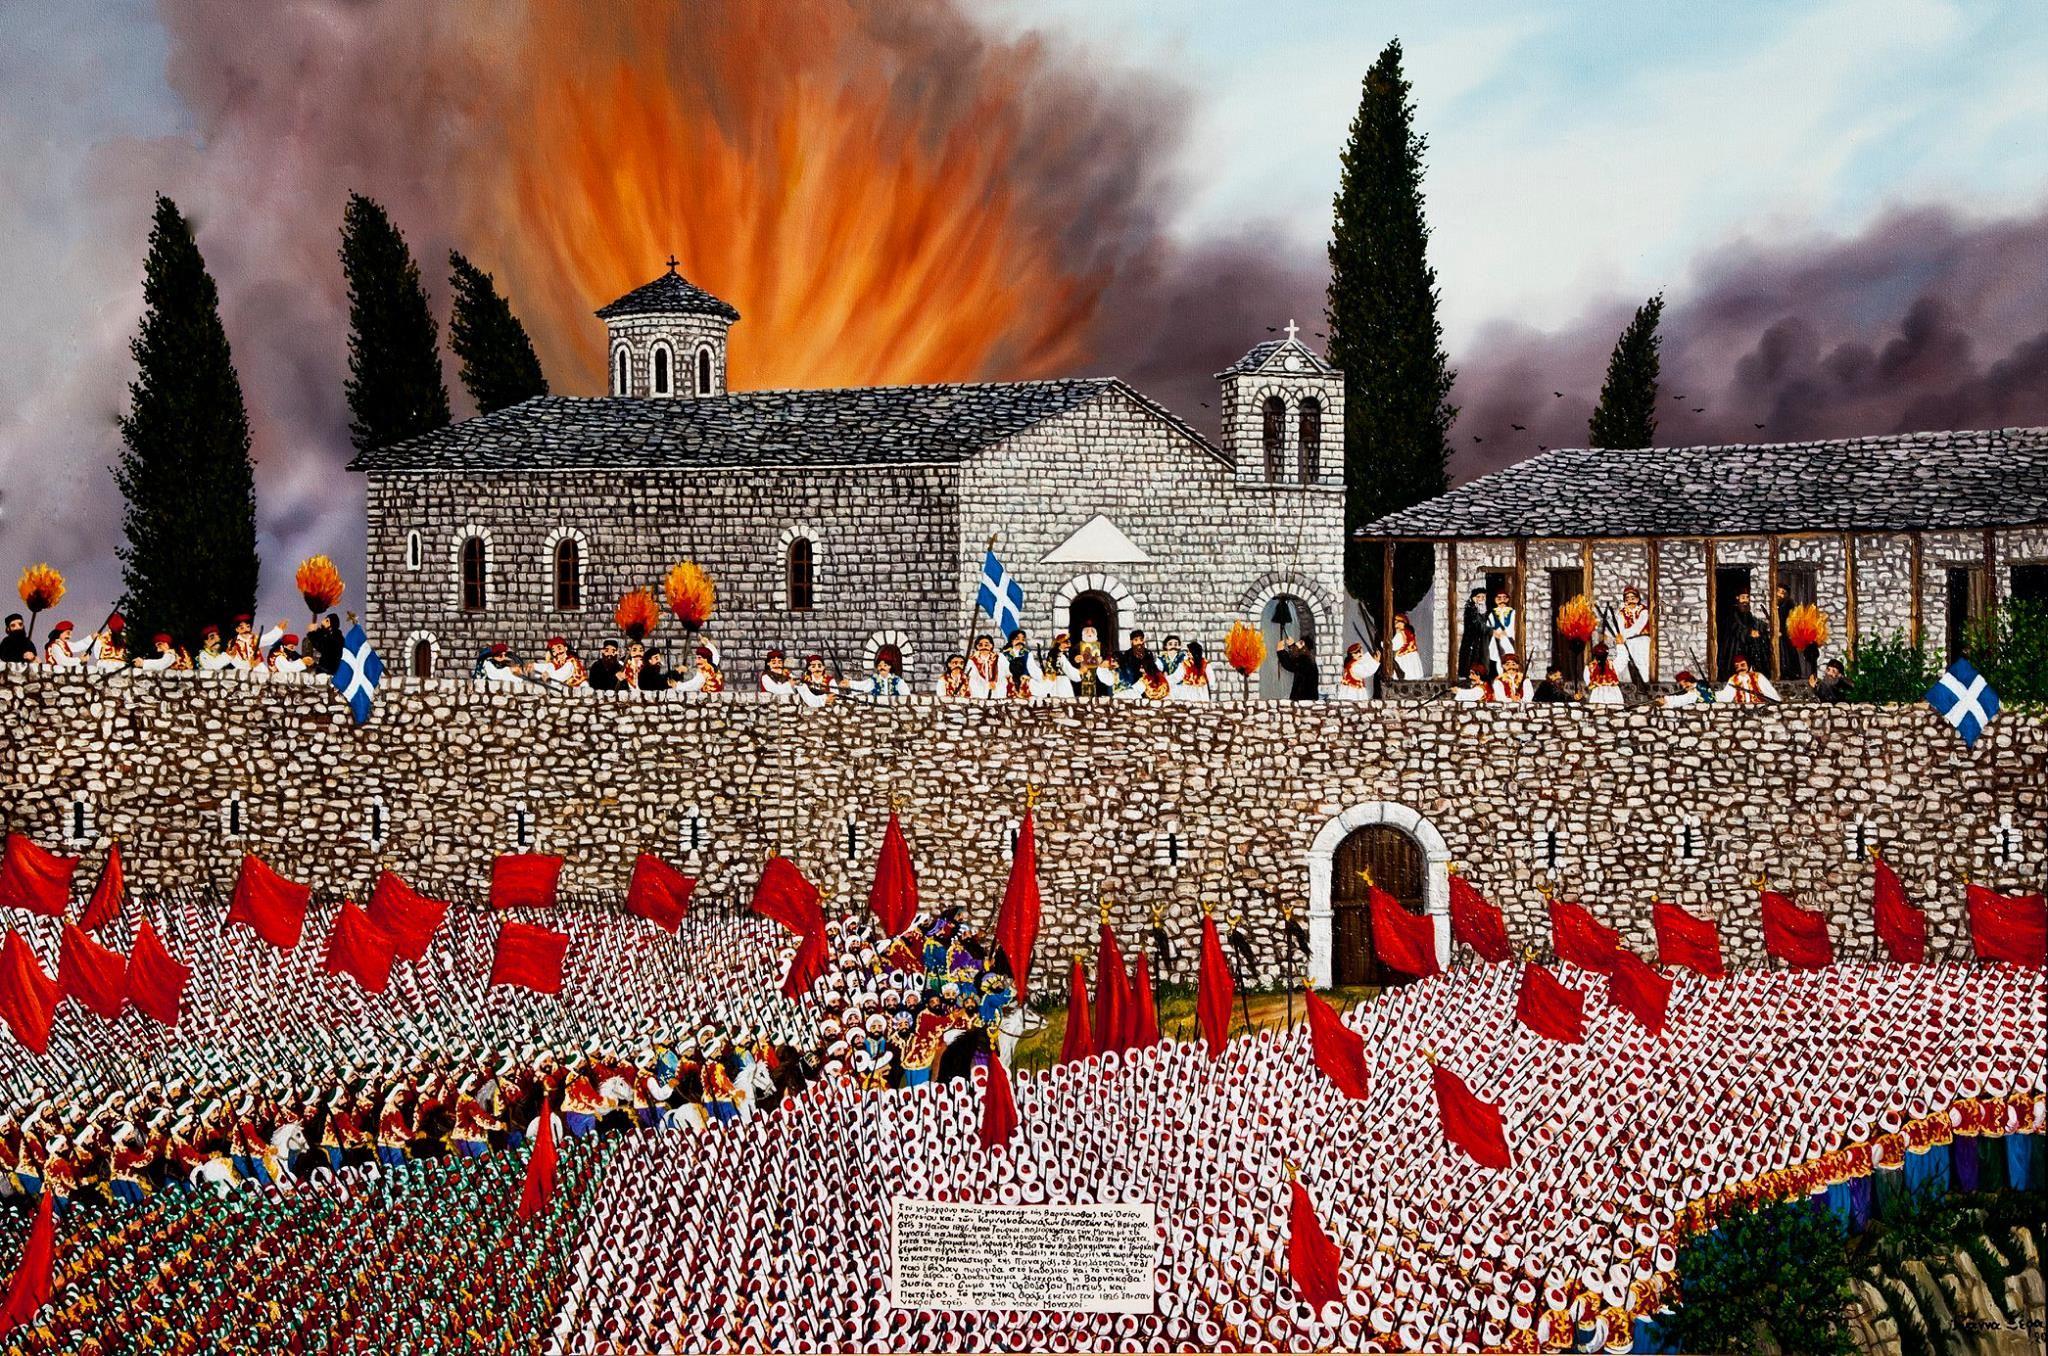 Η πολιορκία τής Μονής Παναγίας Βαρνάκοβας. Έργο τής κυρίας Ιωάννας Ξέρα.